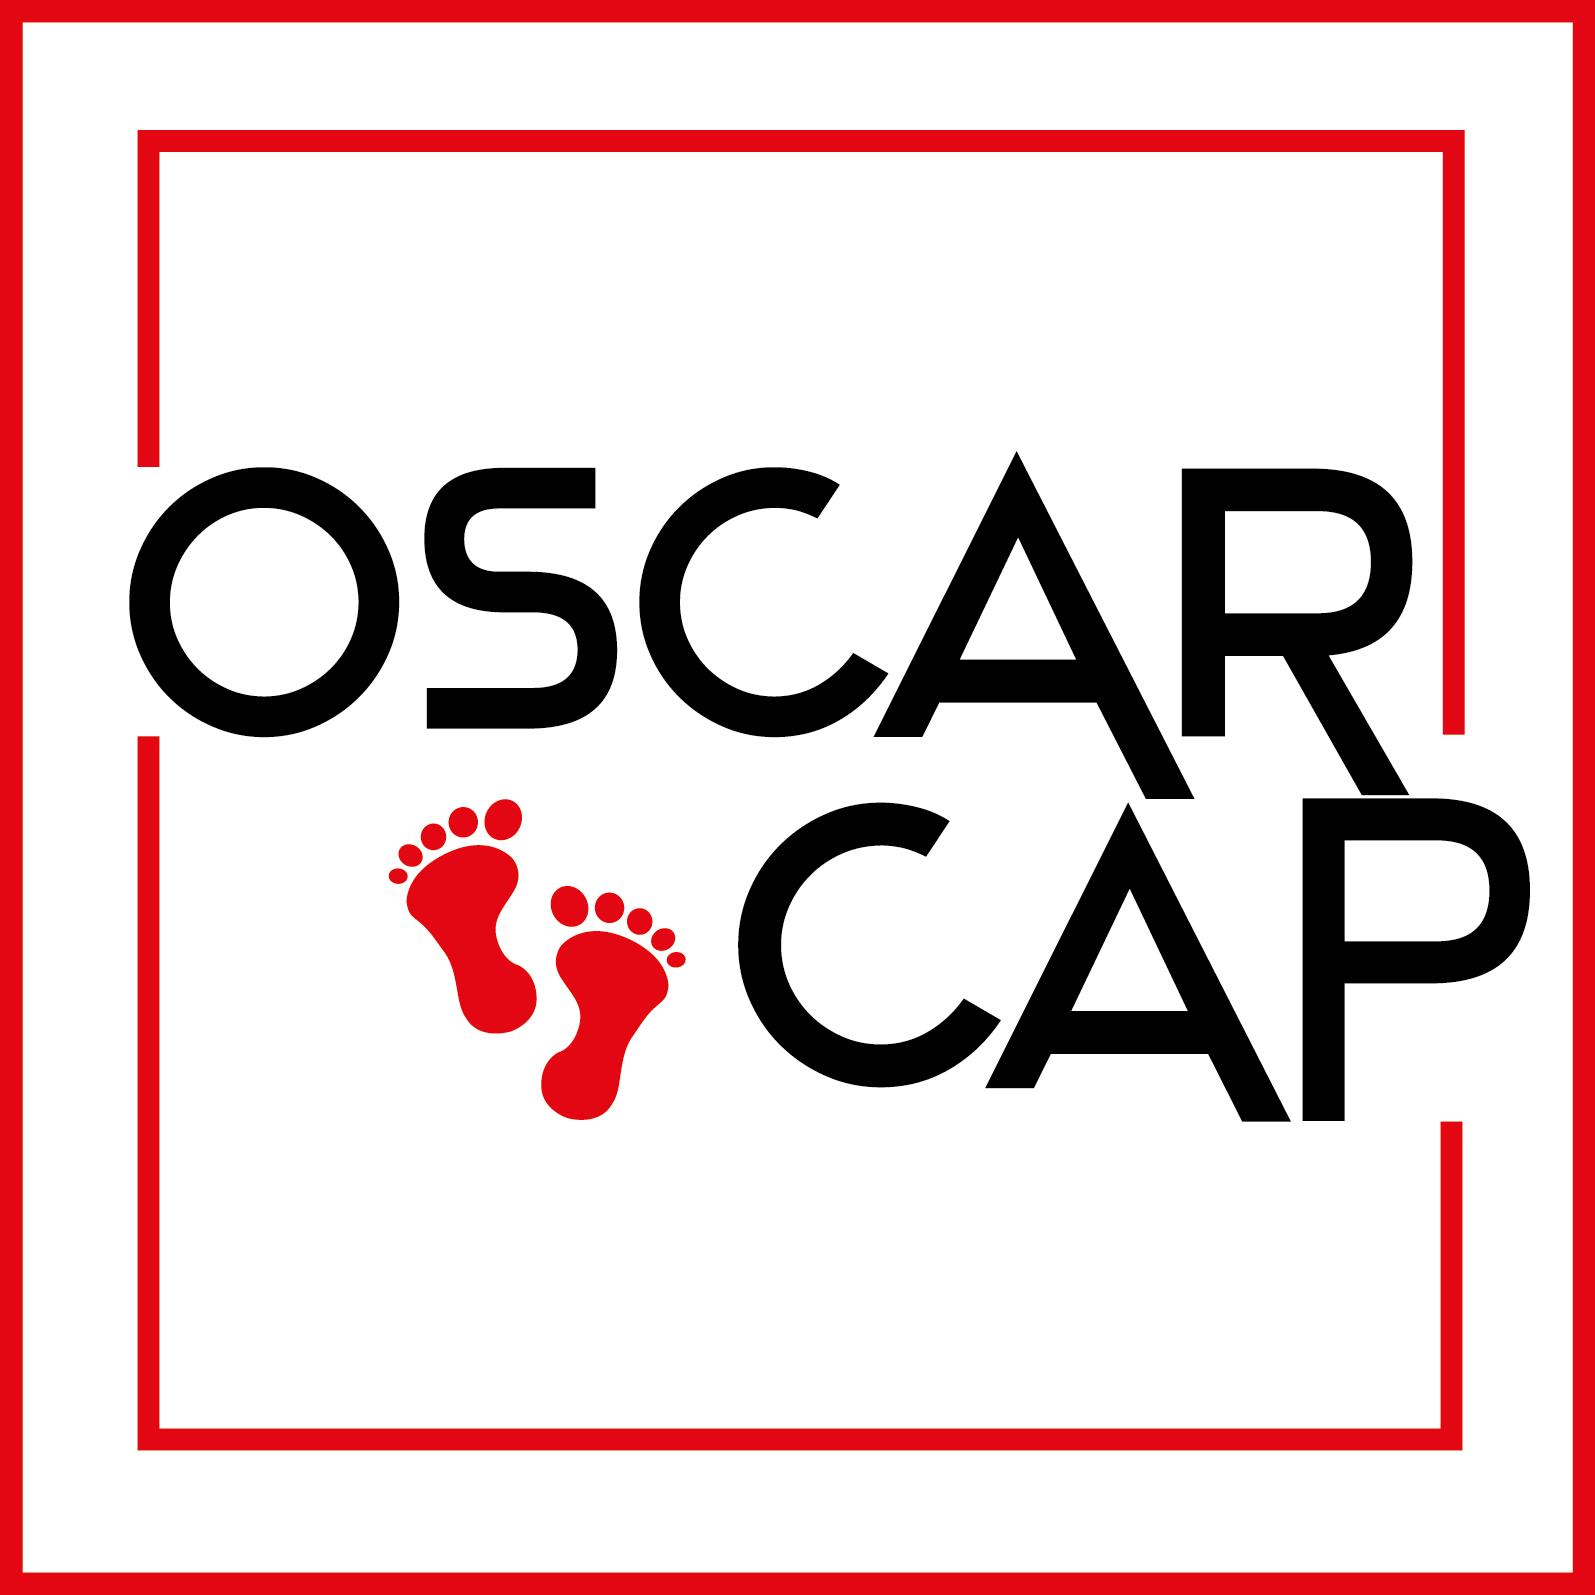 Oscar Cap s.r.l.